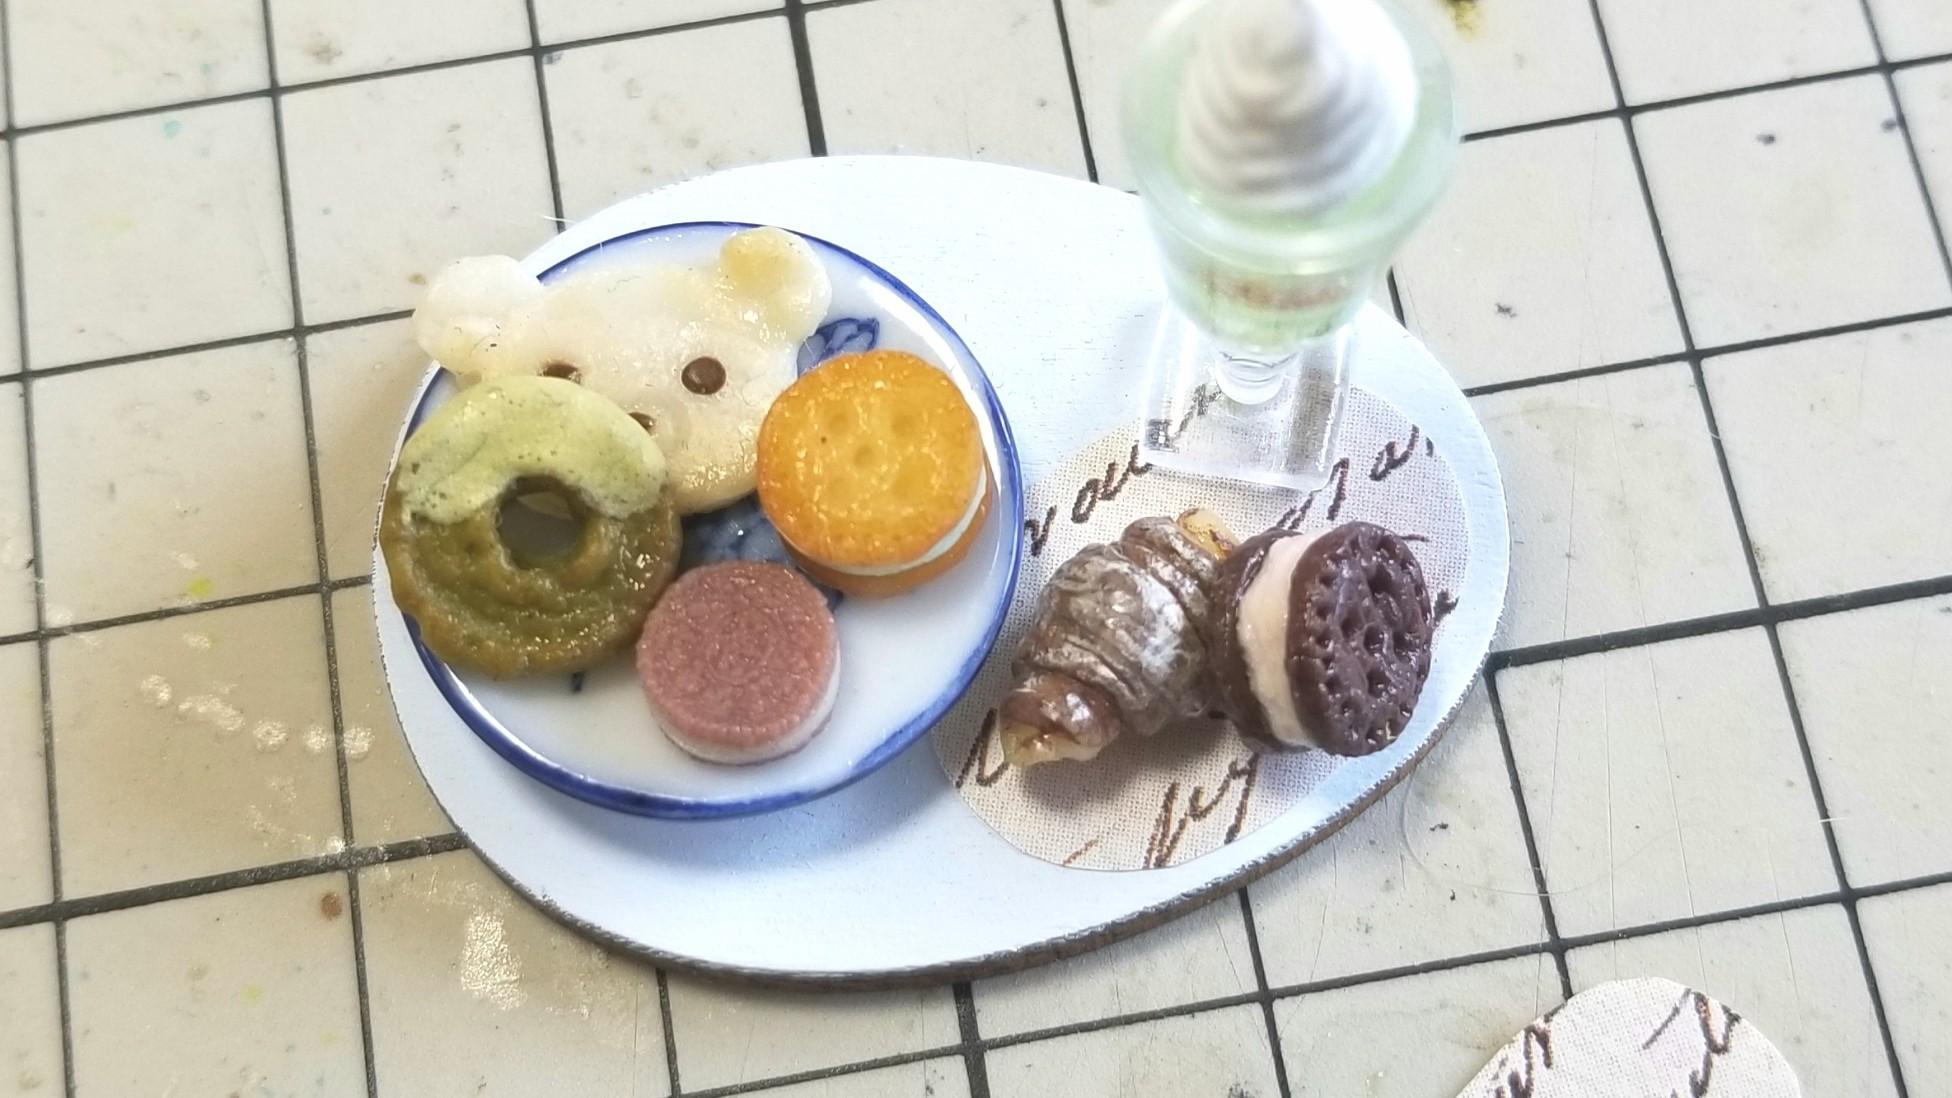 ミニチュア,スイーツセット,クッキードーナツ,かわいい小物おいしい